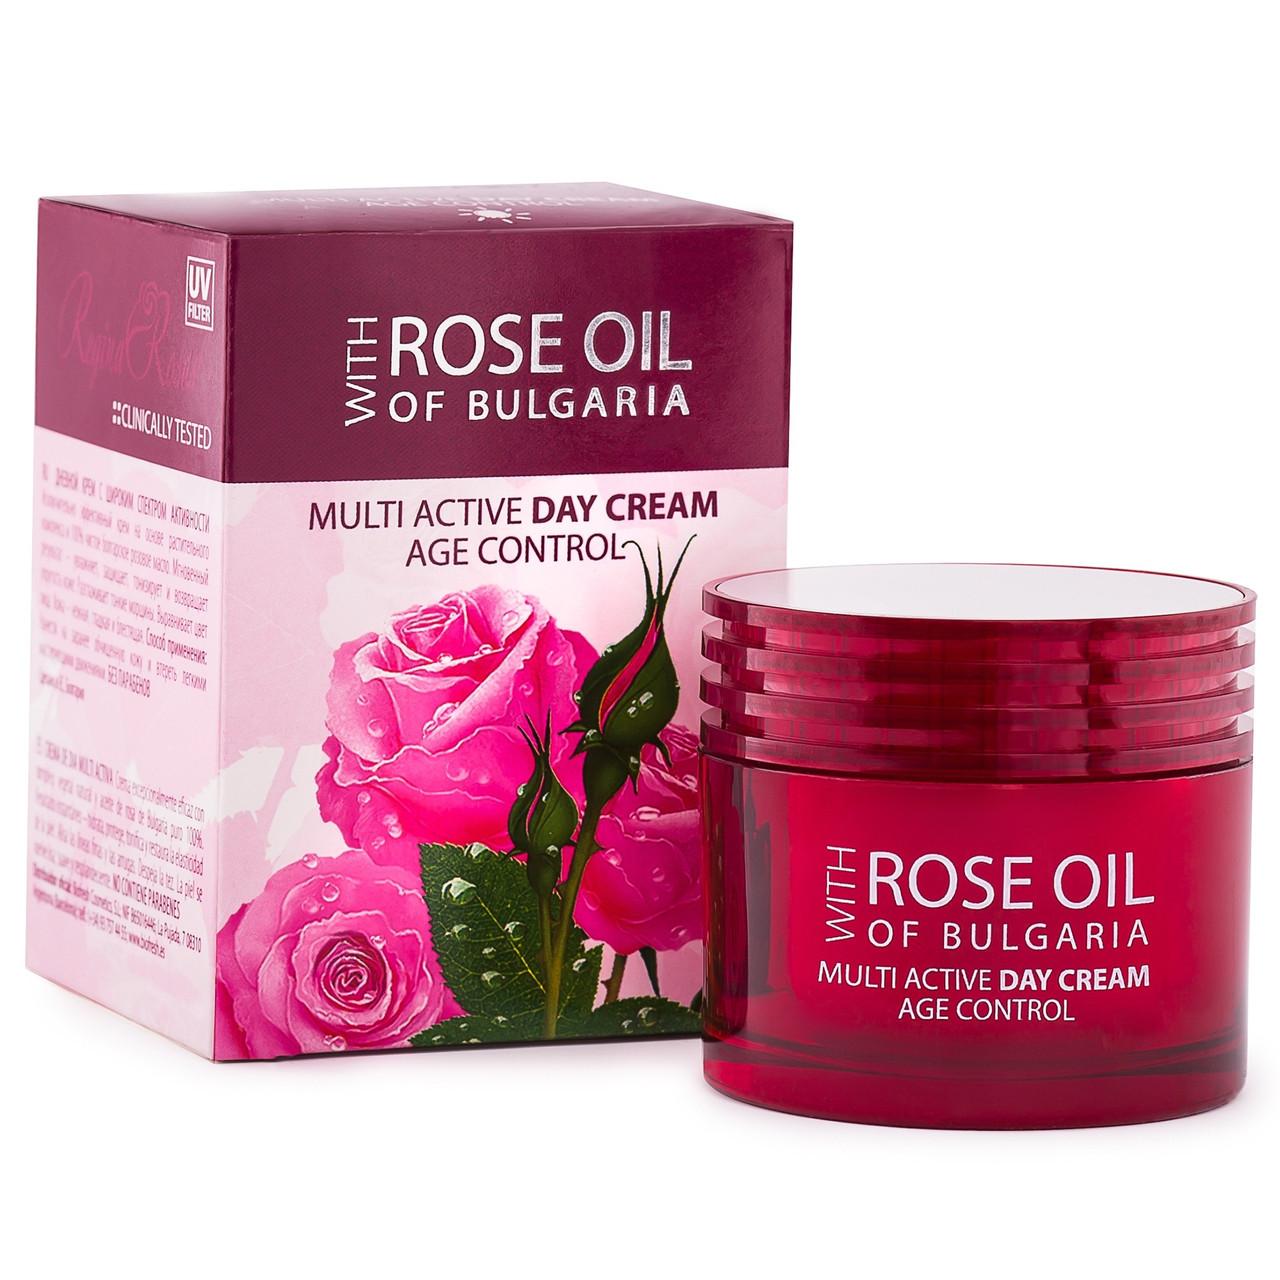 Мультиактивный дневной крем для лица/MULTI ACTIVE DAY CREAM ROSE OIL OF BULGARIA